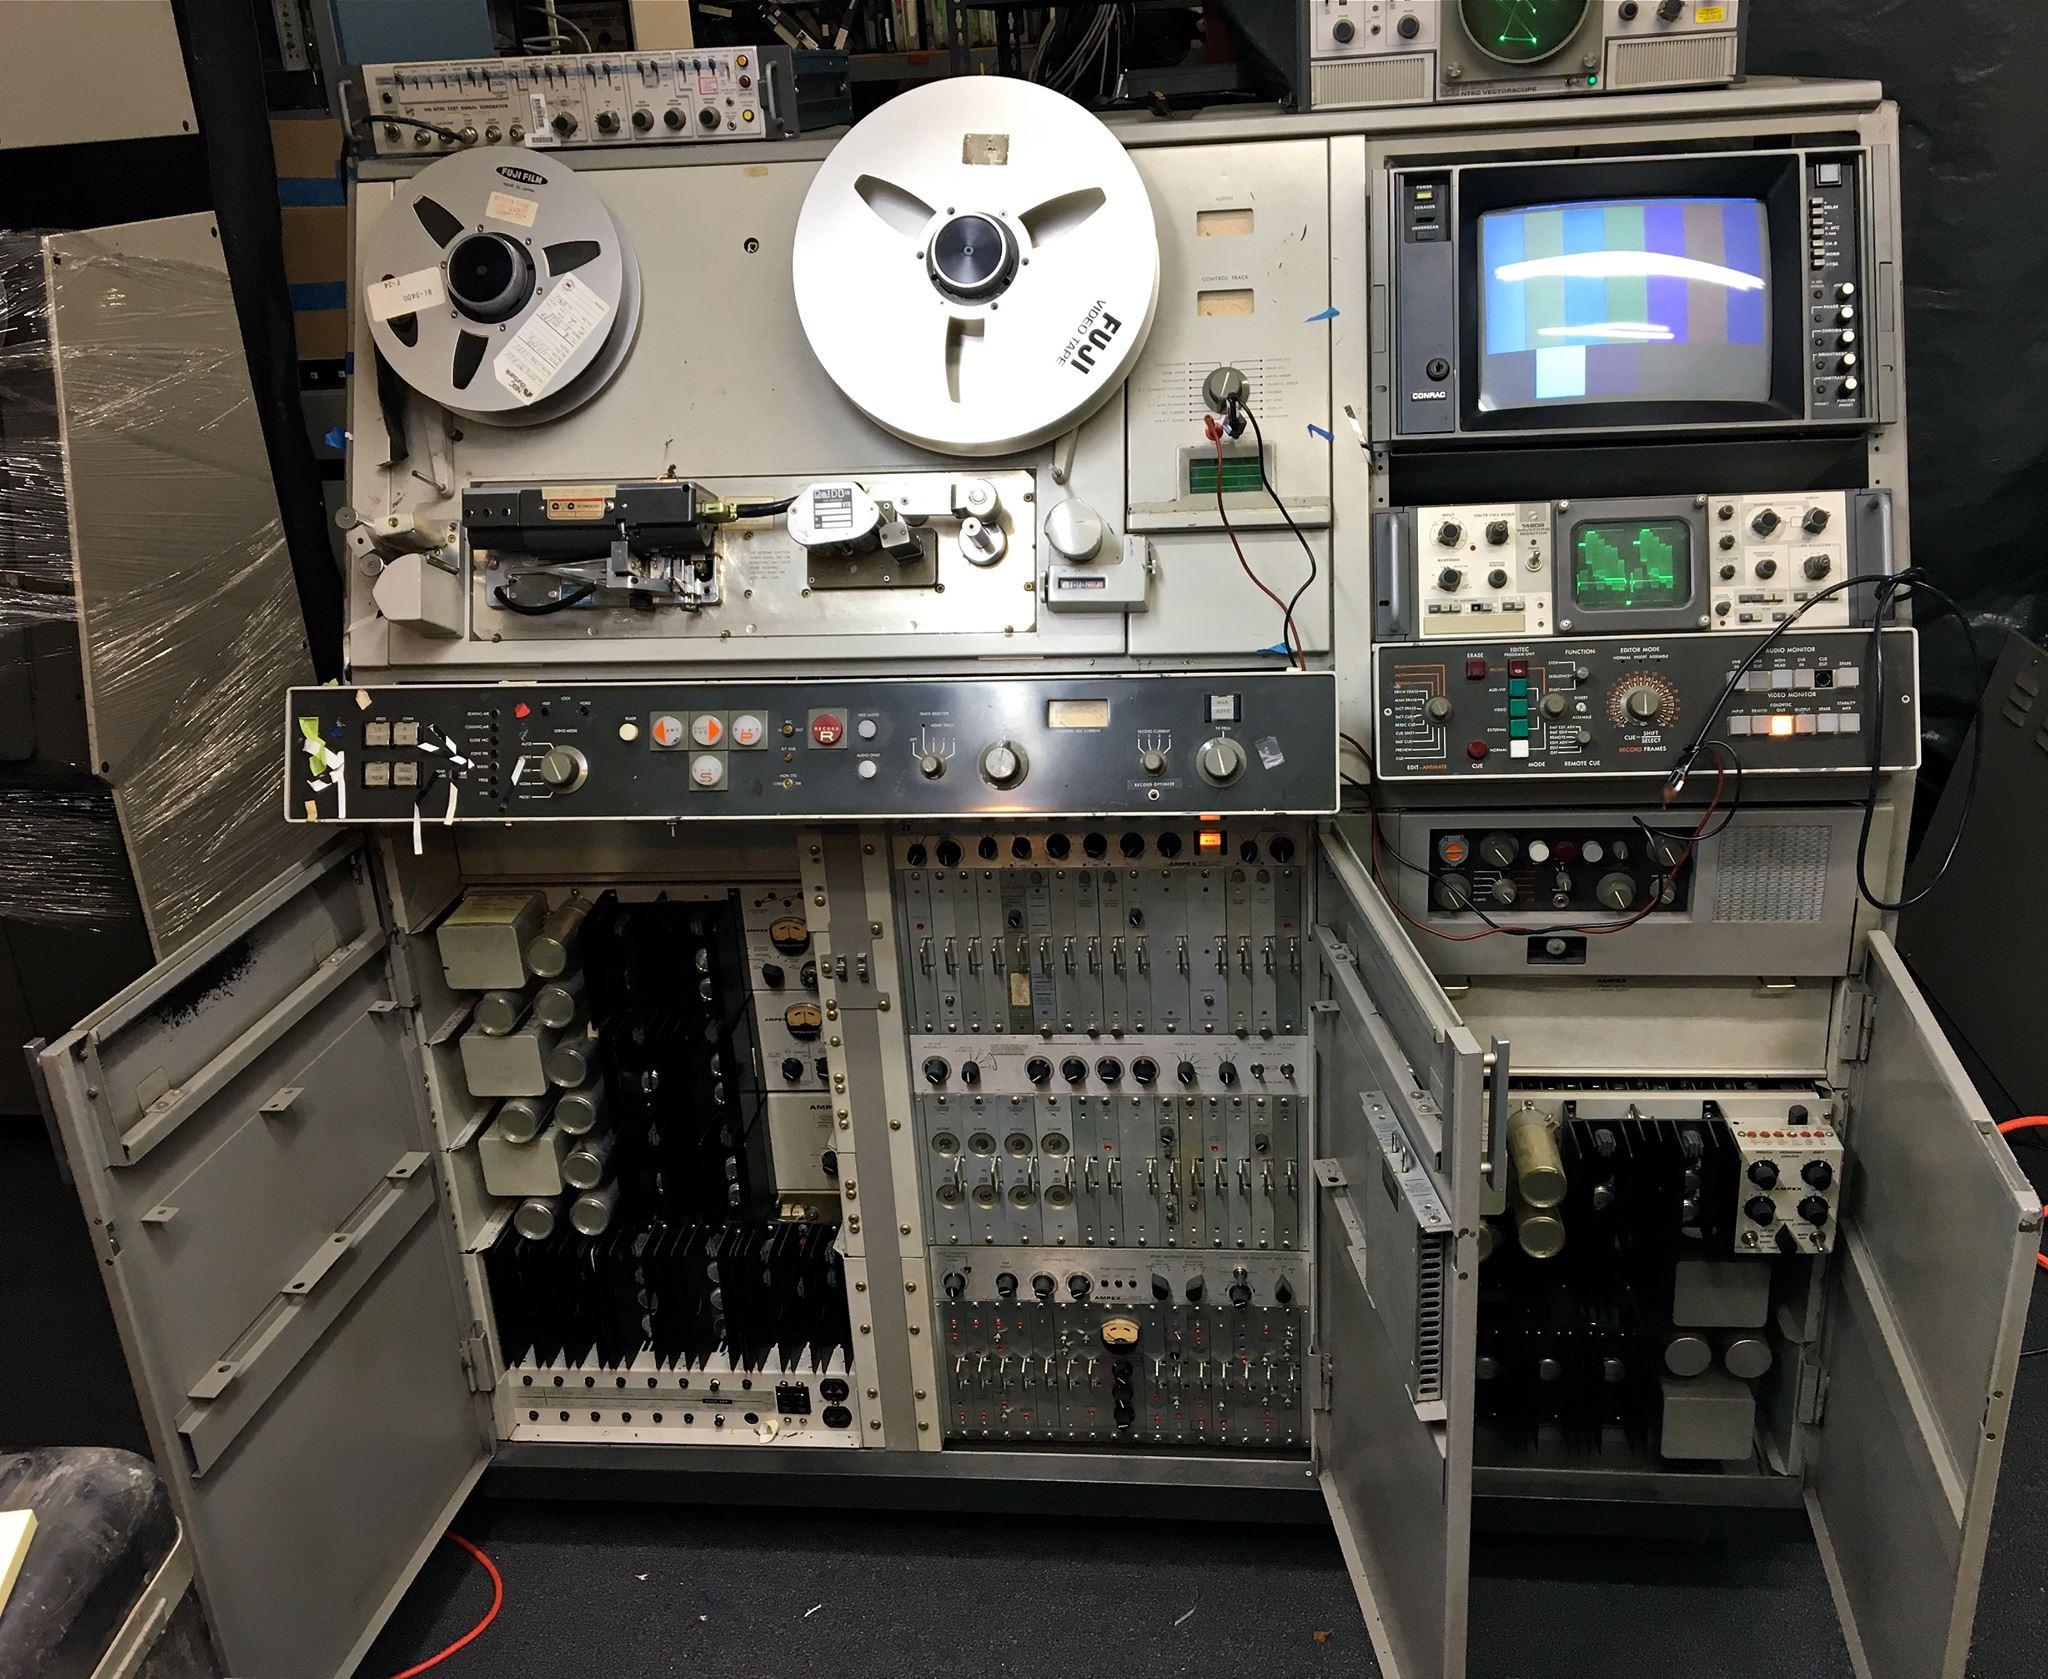 Ampex VR2000 2 inch VTR